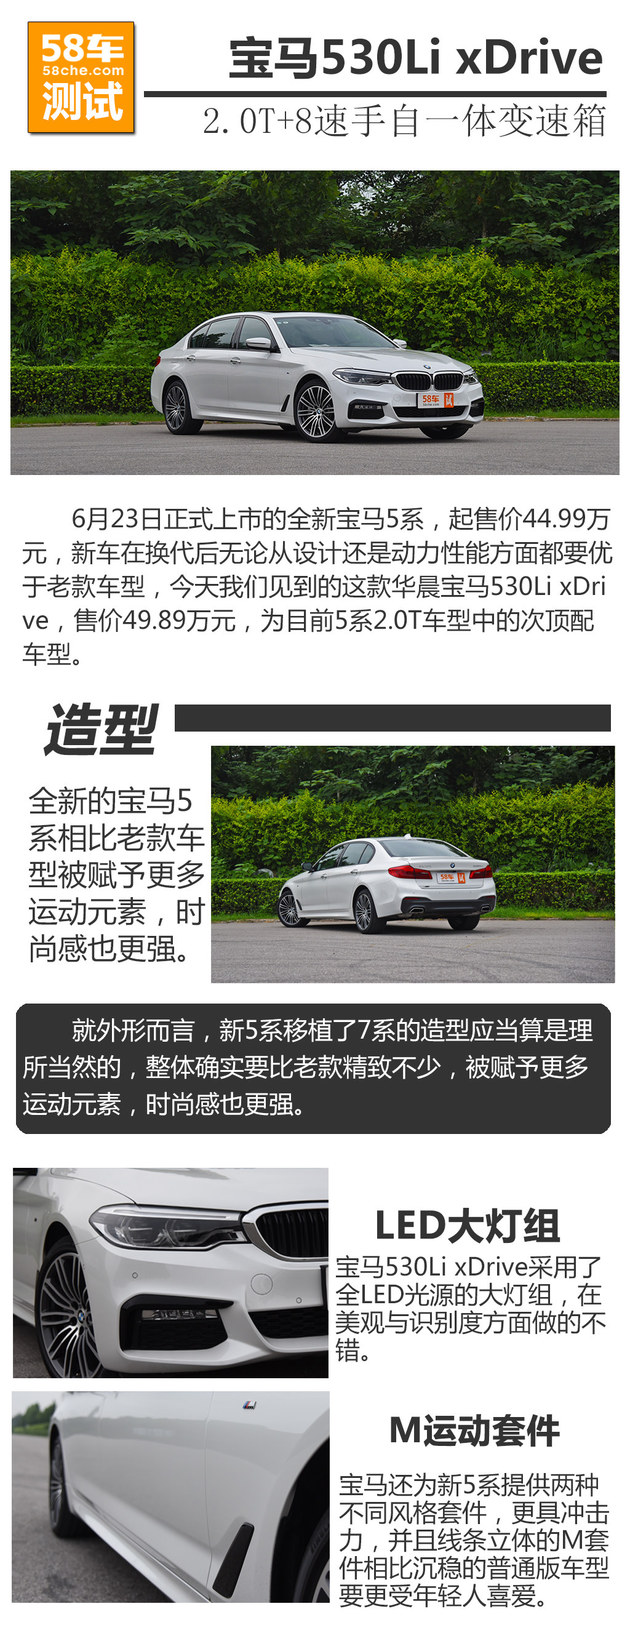 华晨宝马530Li xDrive性能测试 又快又稳